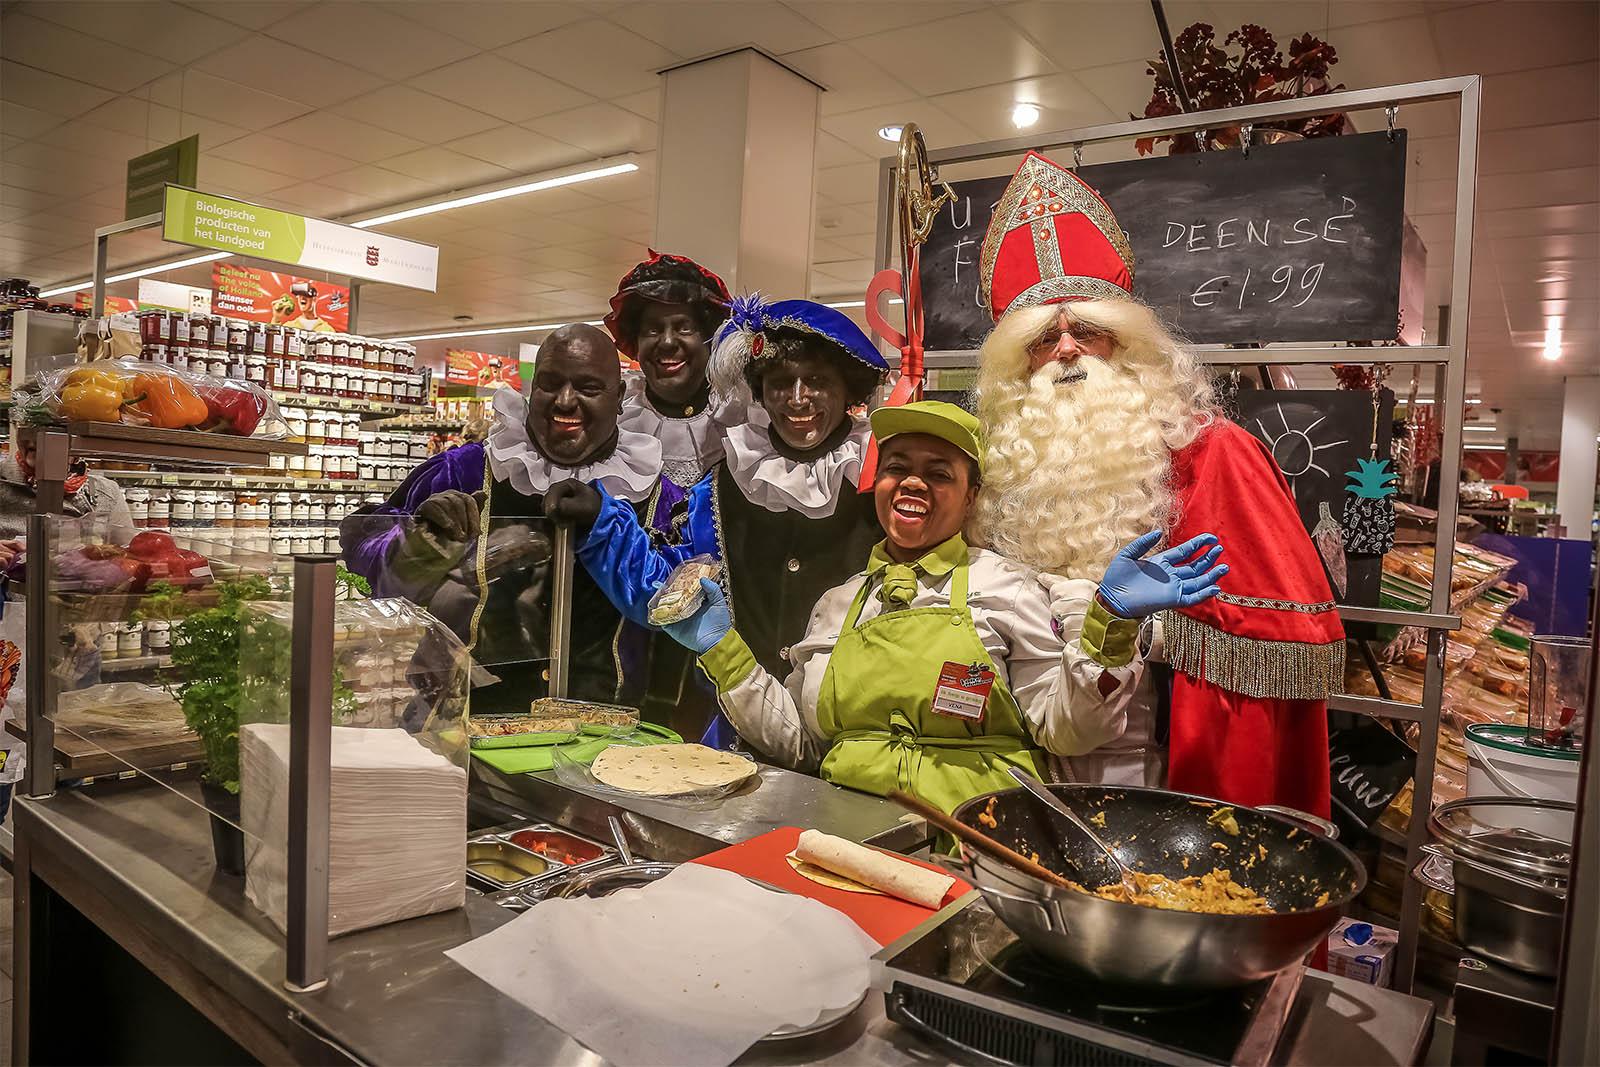 Winkelcentrum Parijsch 2018 Culemborg_0027_©John Verhagen-Sinterklaas 2018-0169.jpg